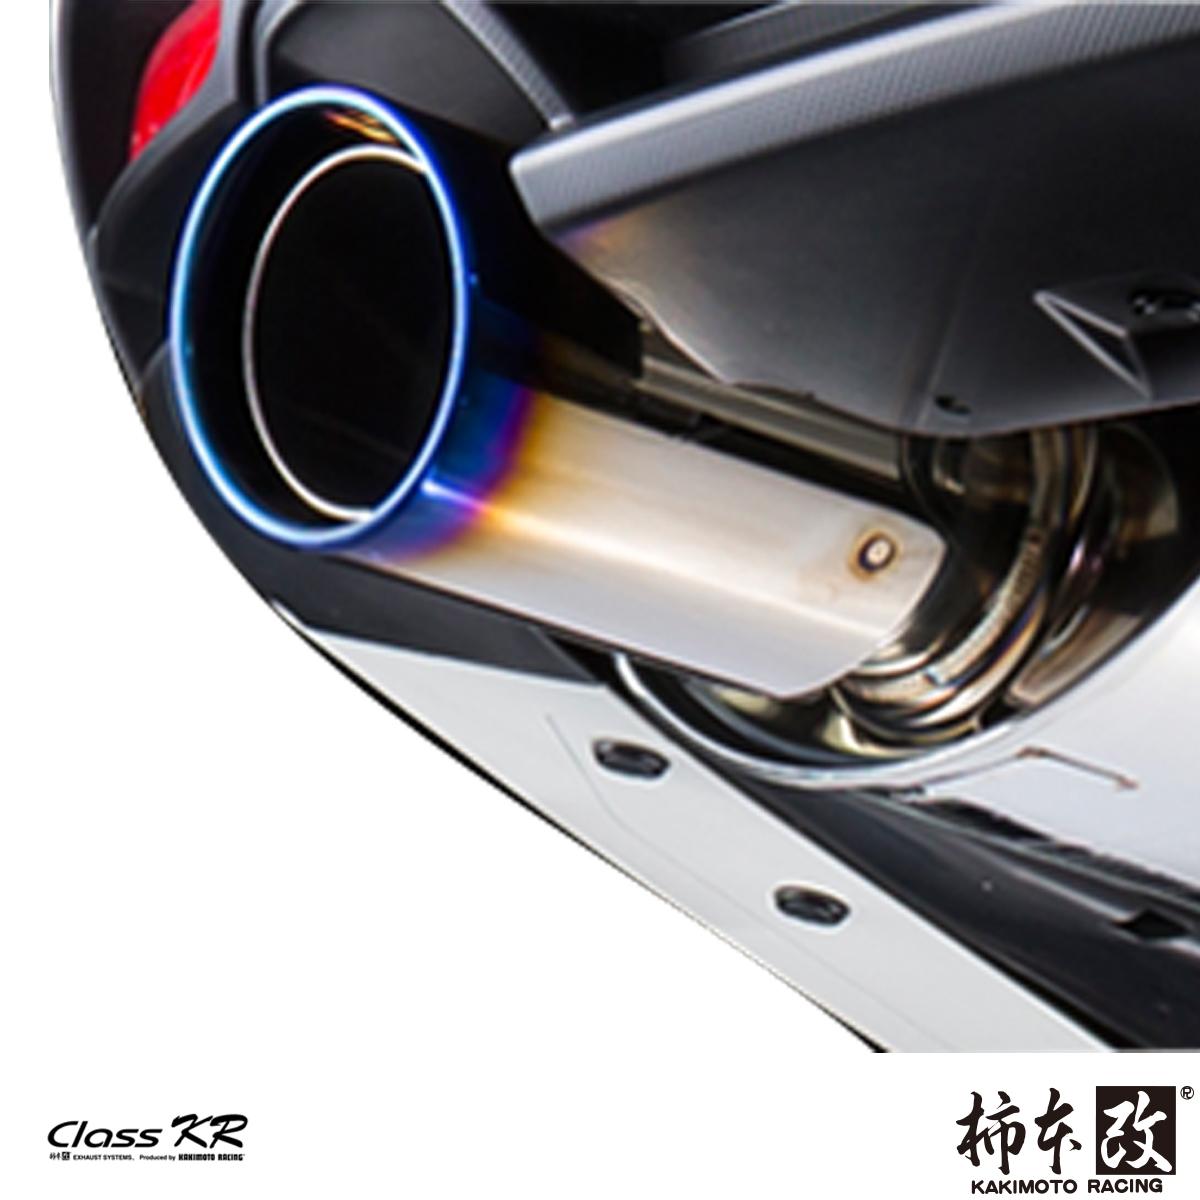 正規認証品 新規格 レヴォーグ 柿本 改 マフラー 排気系パーツ DBA-VM4 DUALセンター+リア 新入荷 流行 RACING KAKIMOTO 品番:B71353W クラスKR Class KR カーショップのみ発送可能